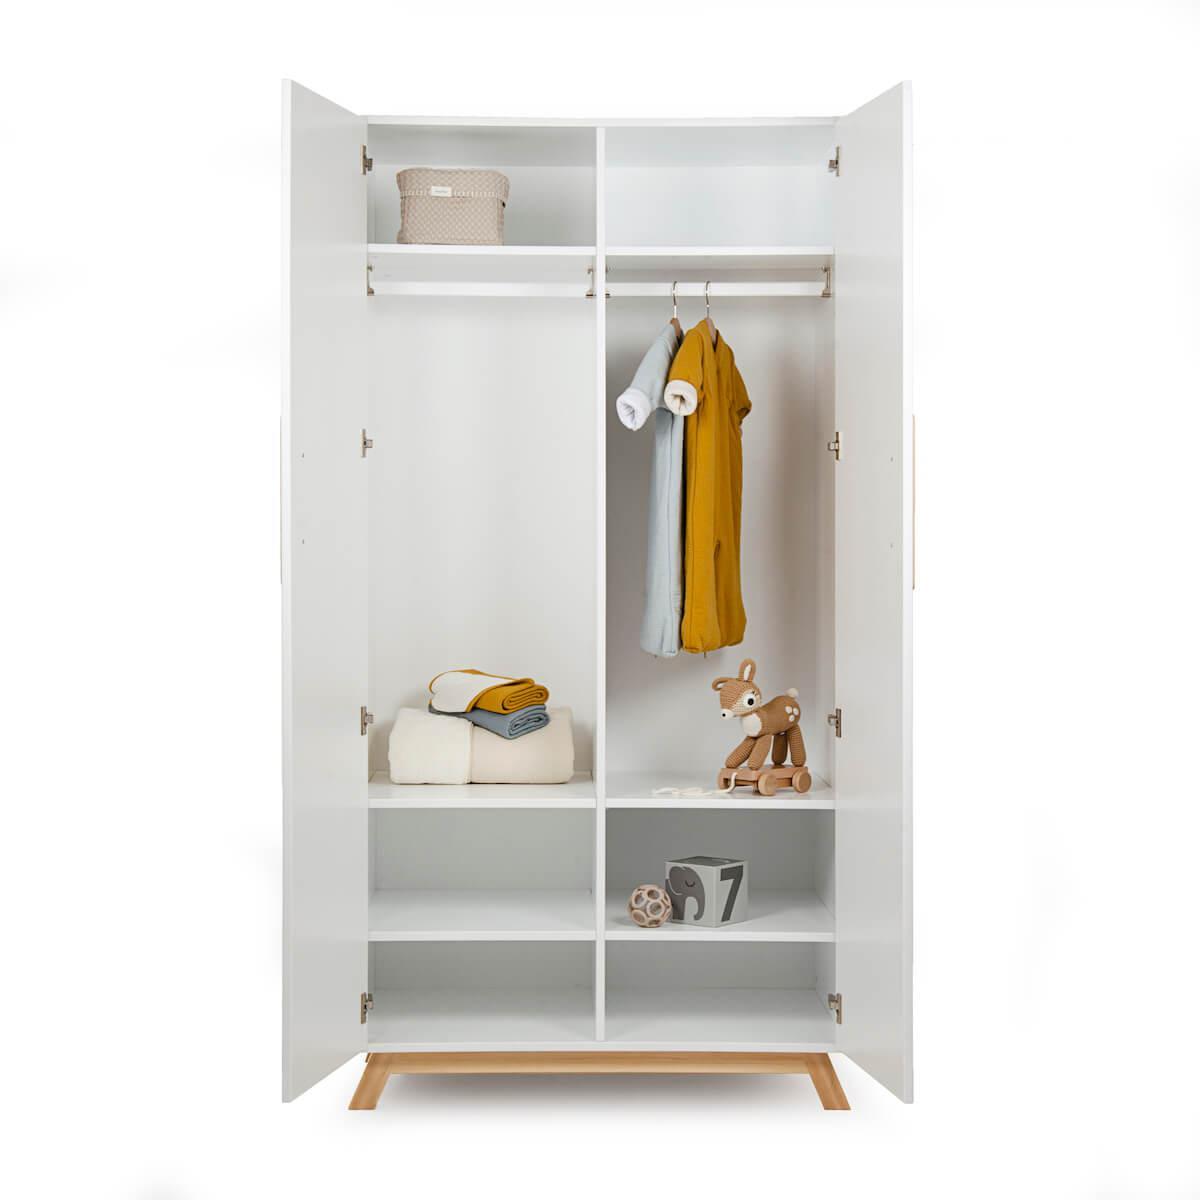 Kleiderschrank 2-türig SARA Basiak MDF weiß und Buche geölt